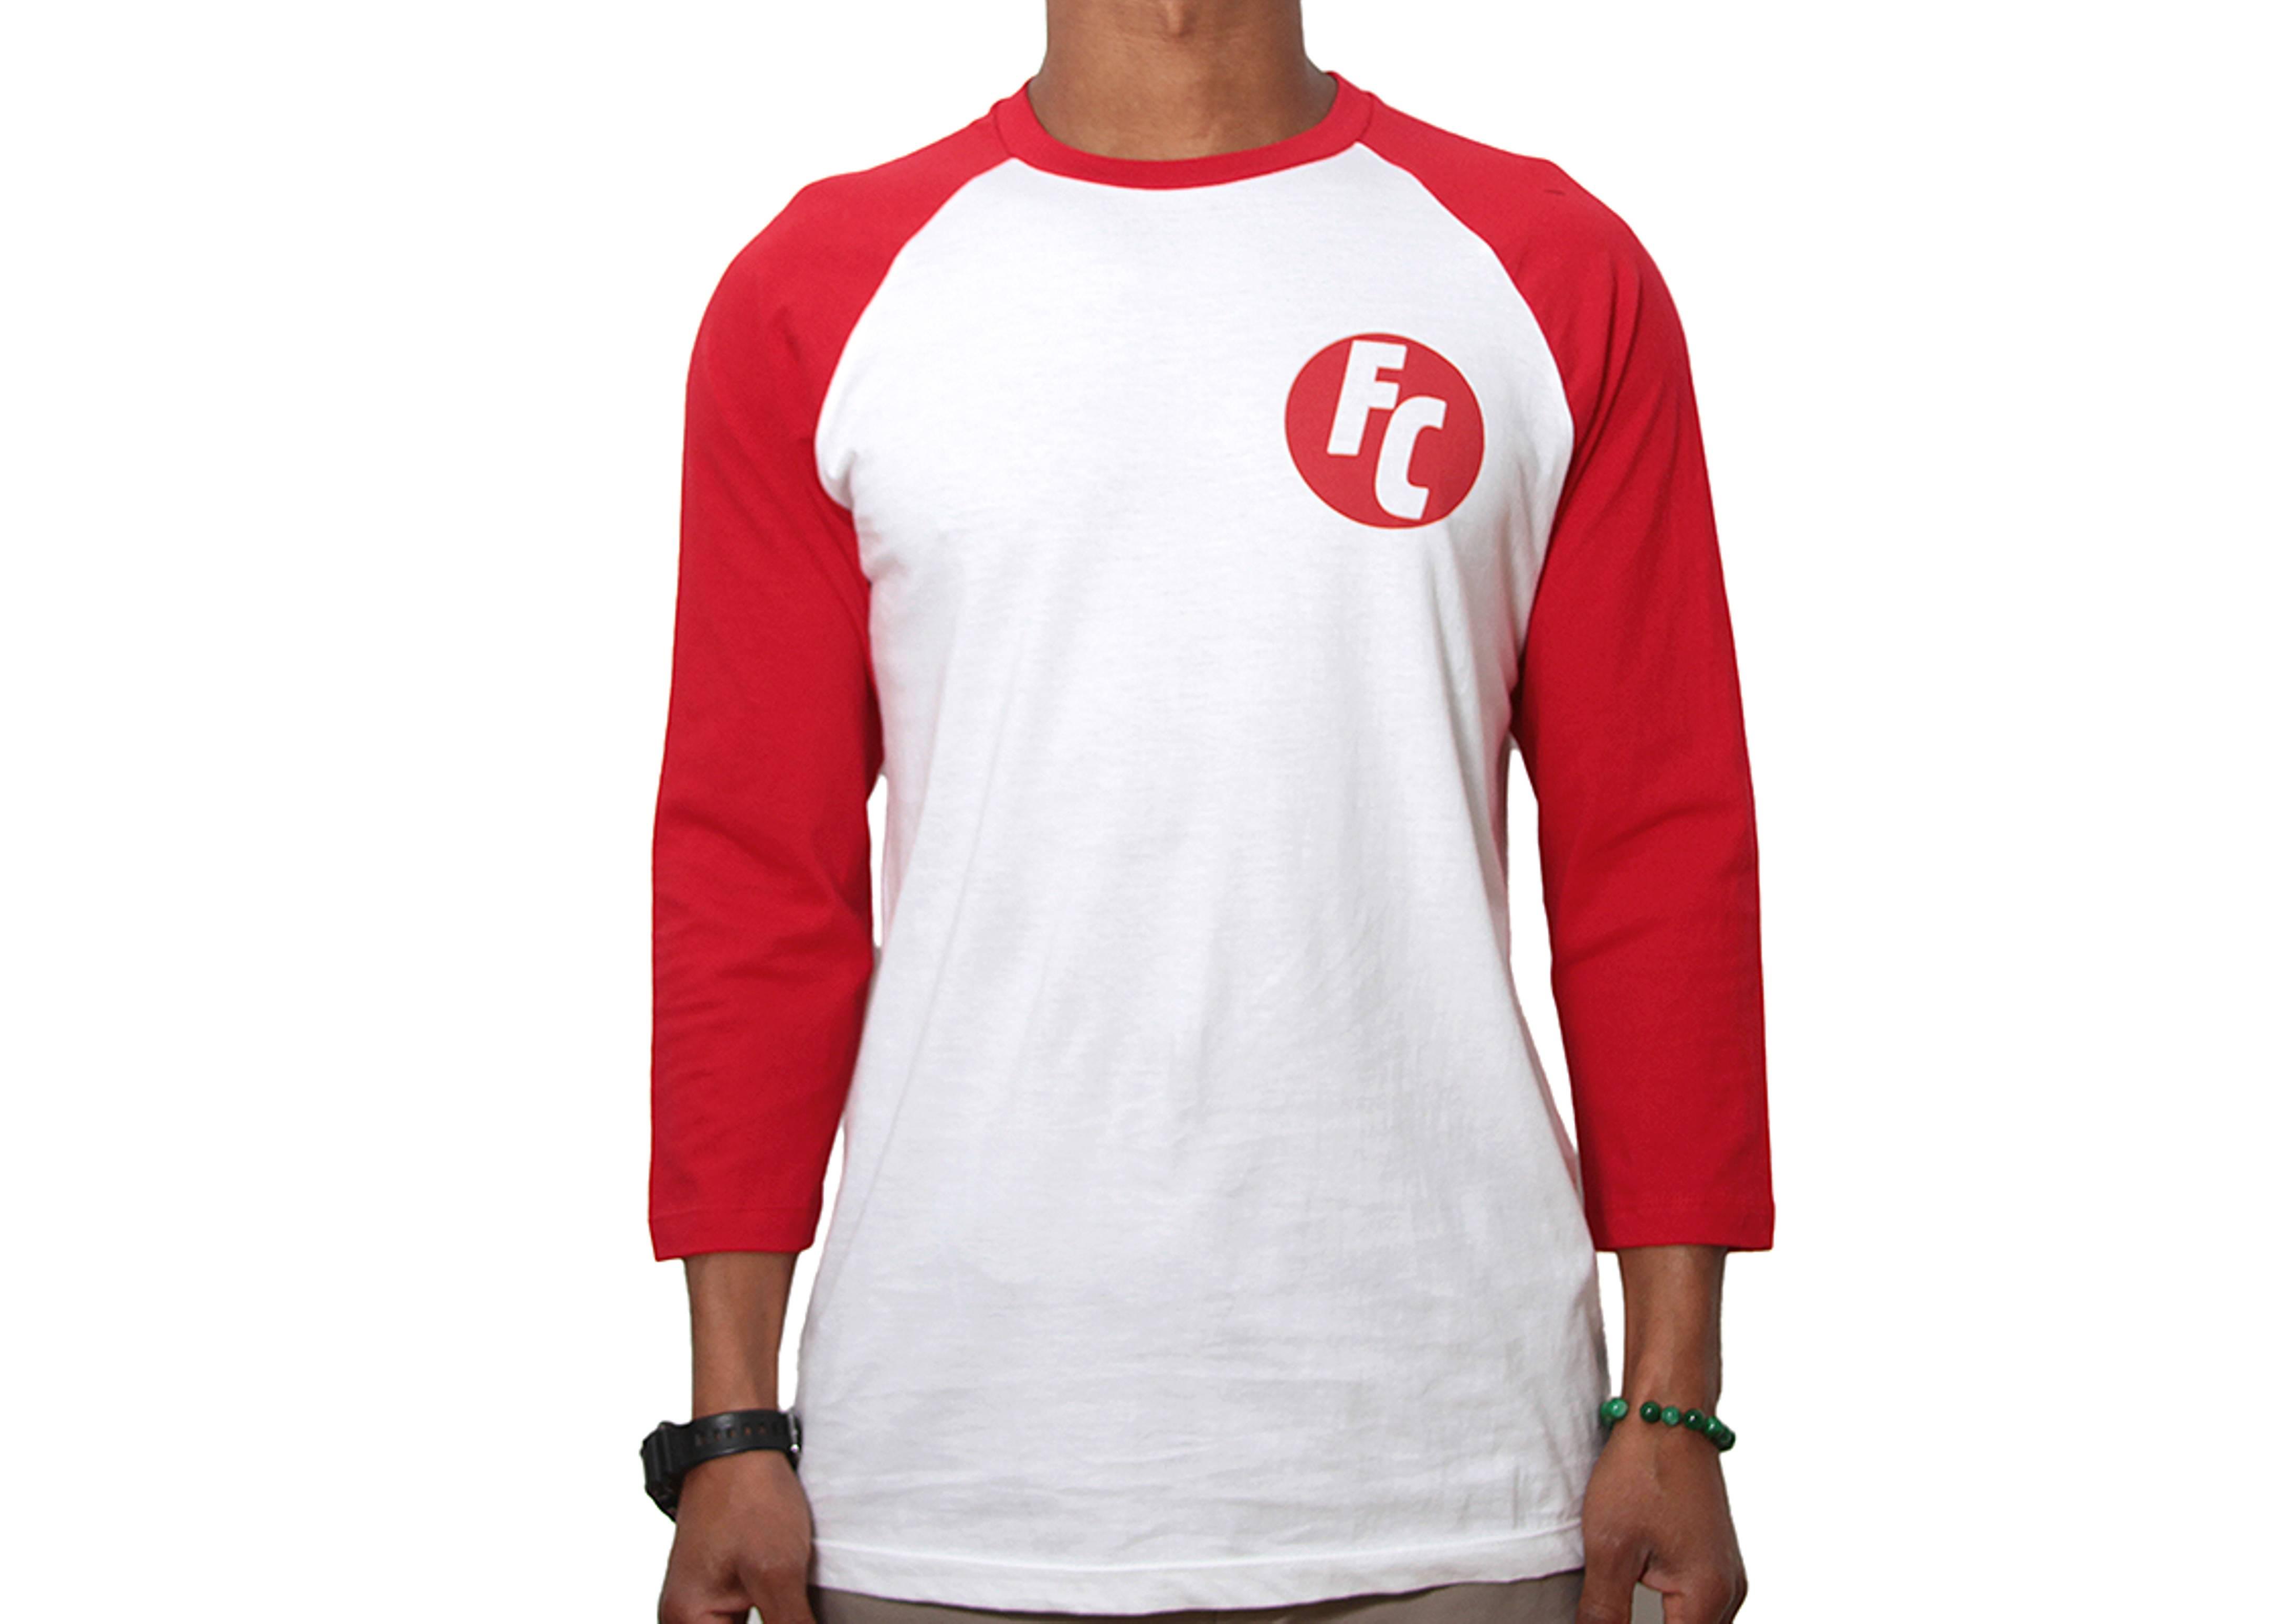 motorsports raglan t-shirt